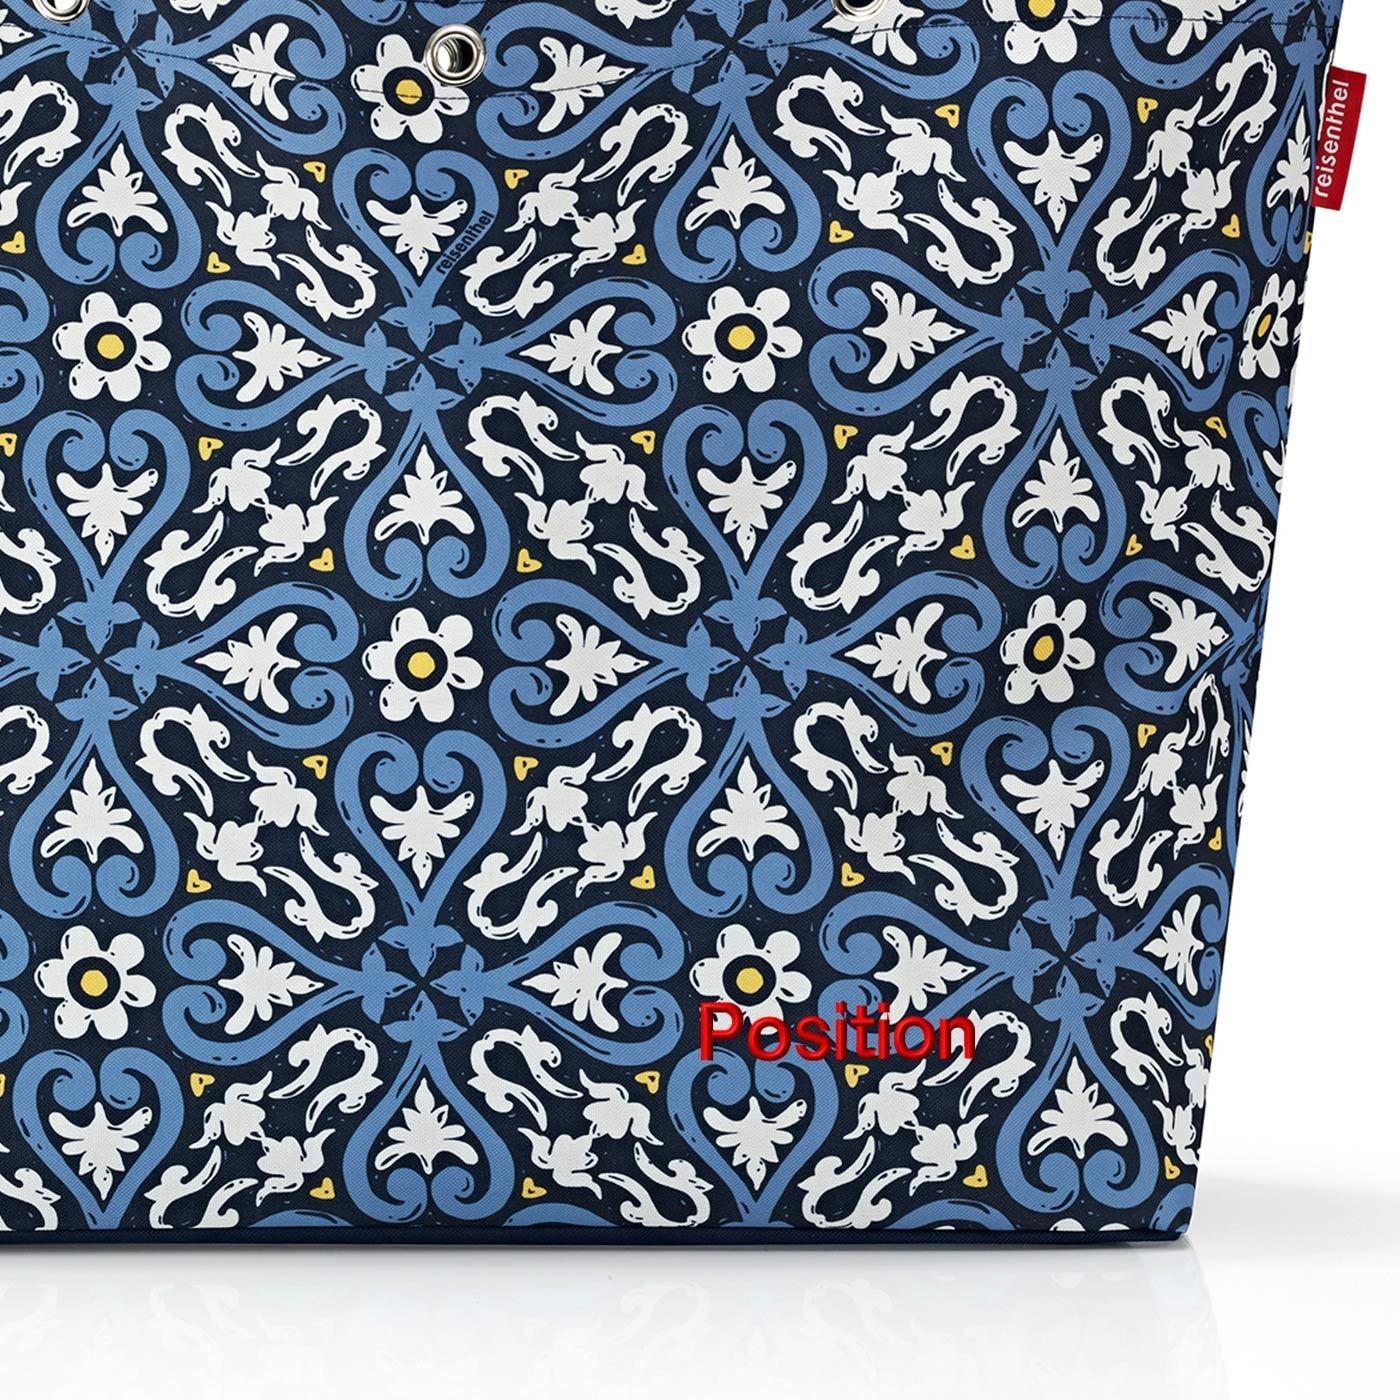 Nákupní taška Shopper XL floral 1_2